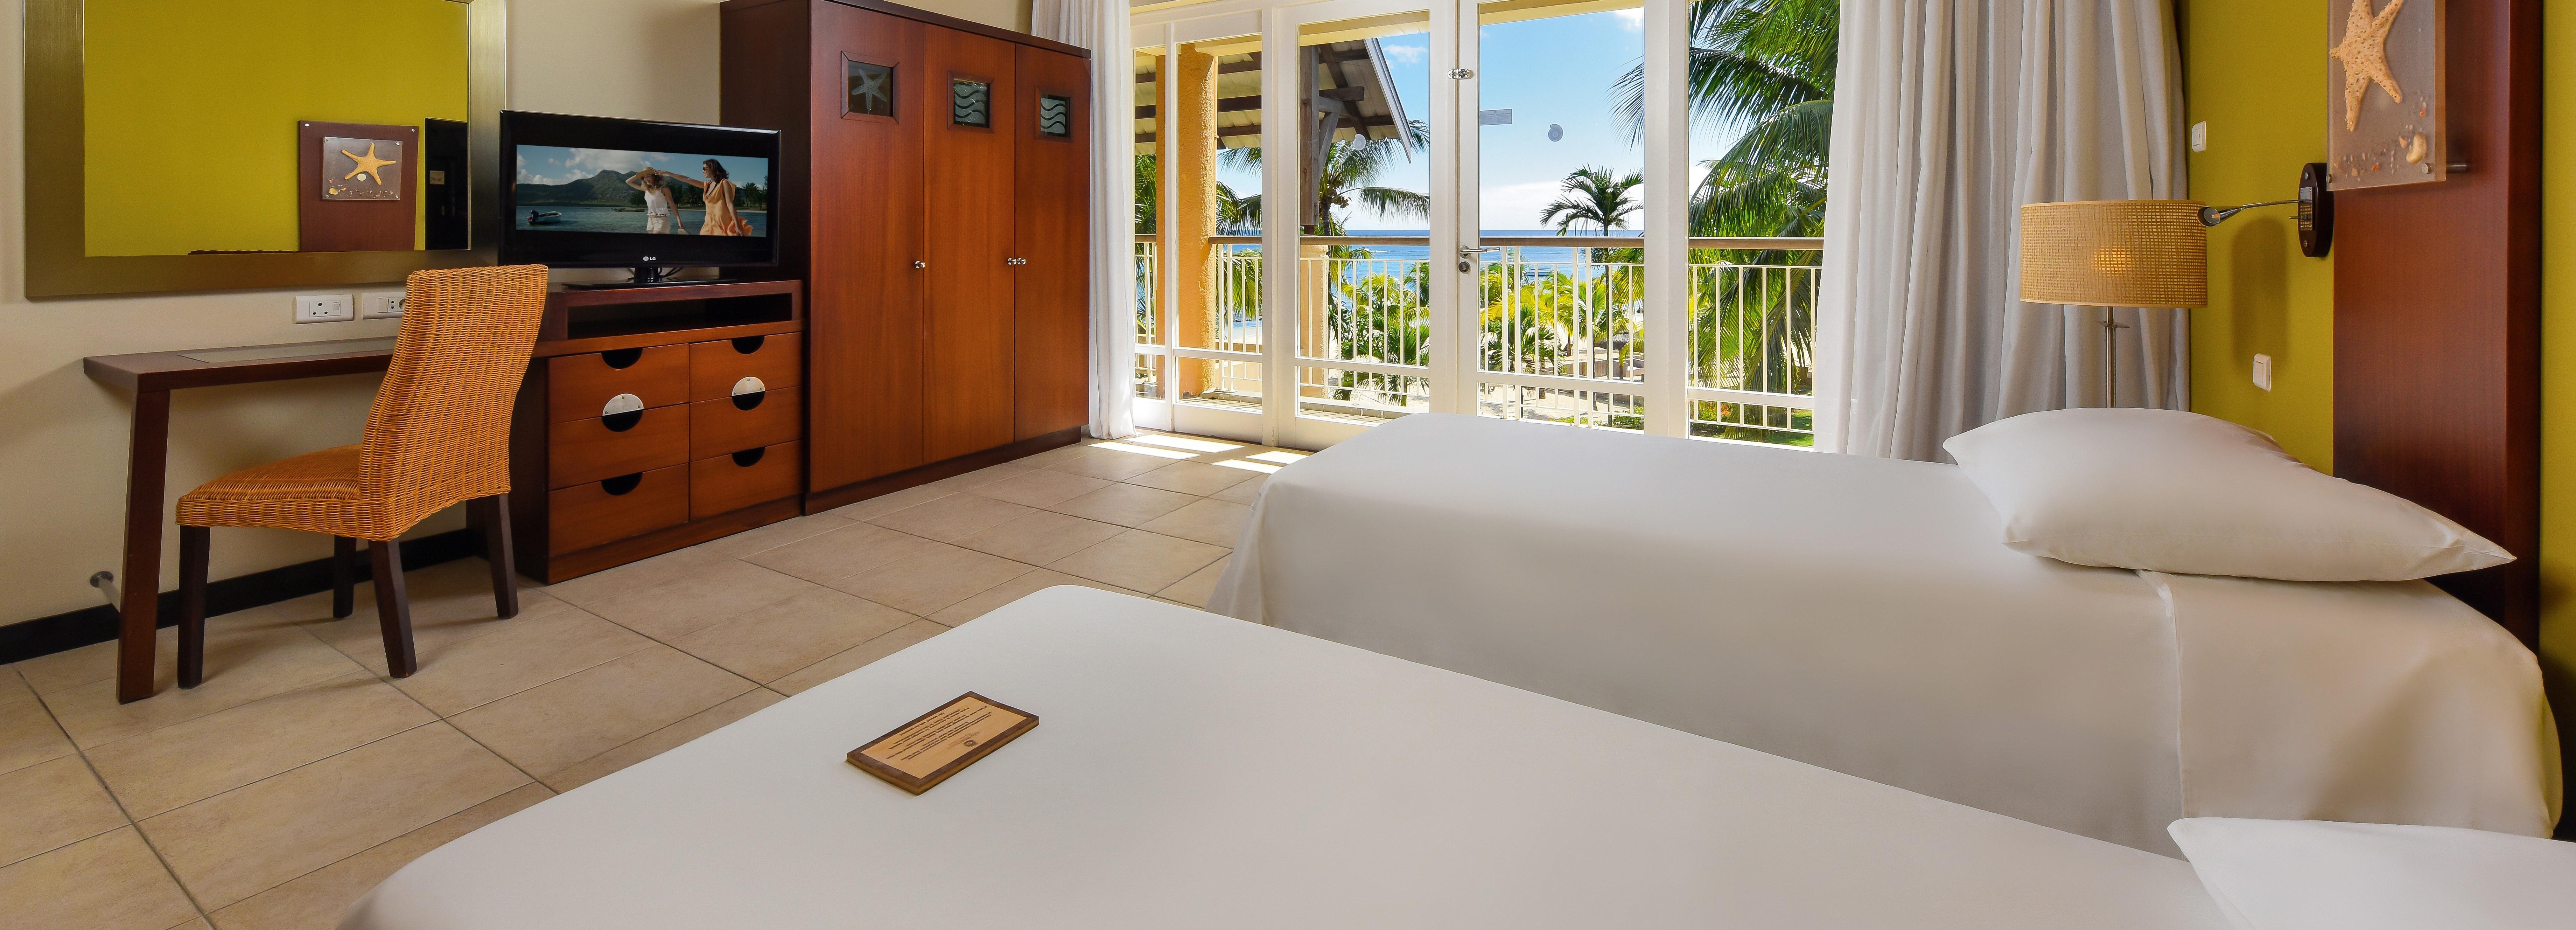 victoria-mauritius-family-apartment